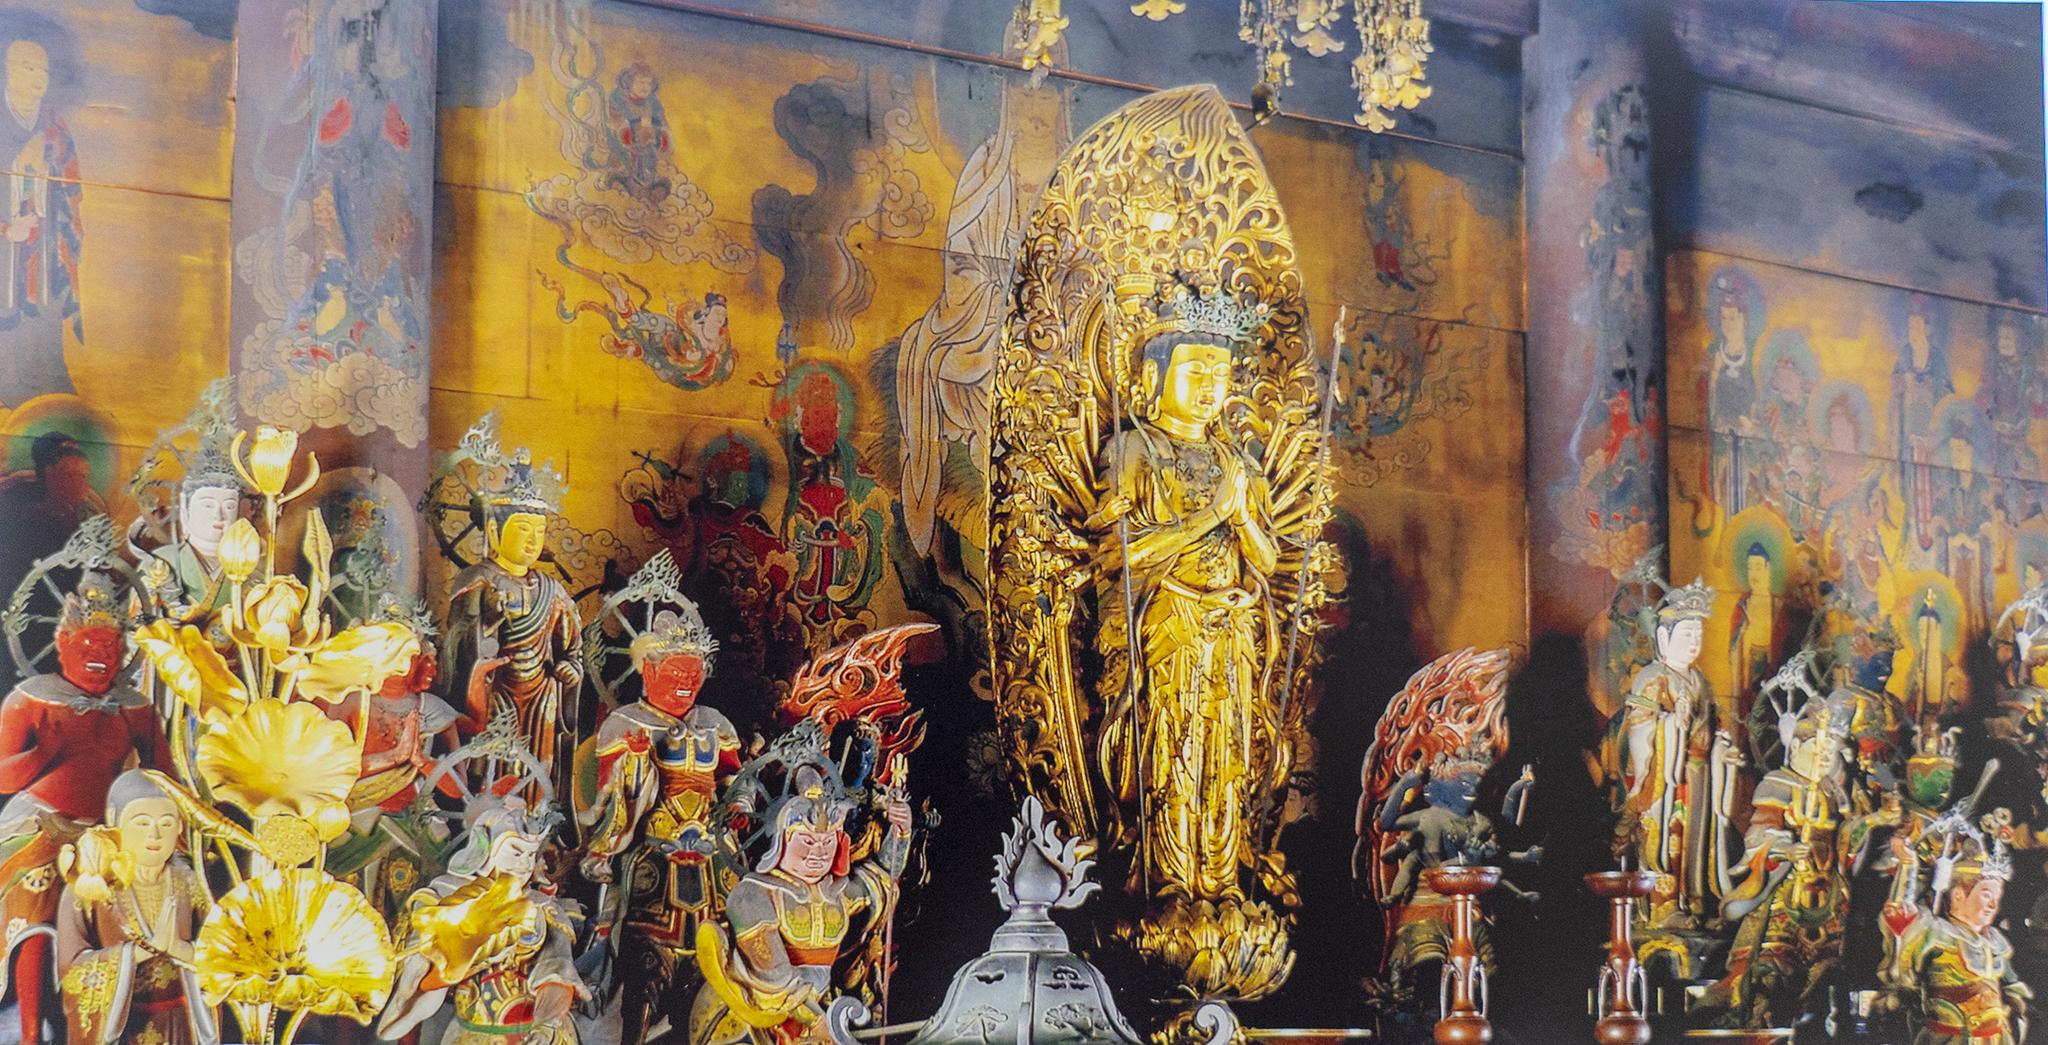 「仁和寺」観音堂特別内観をして観音様とつながってきた。